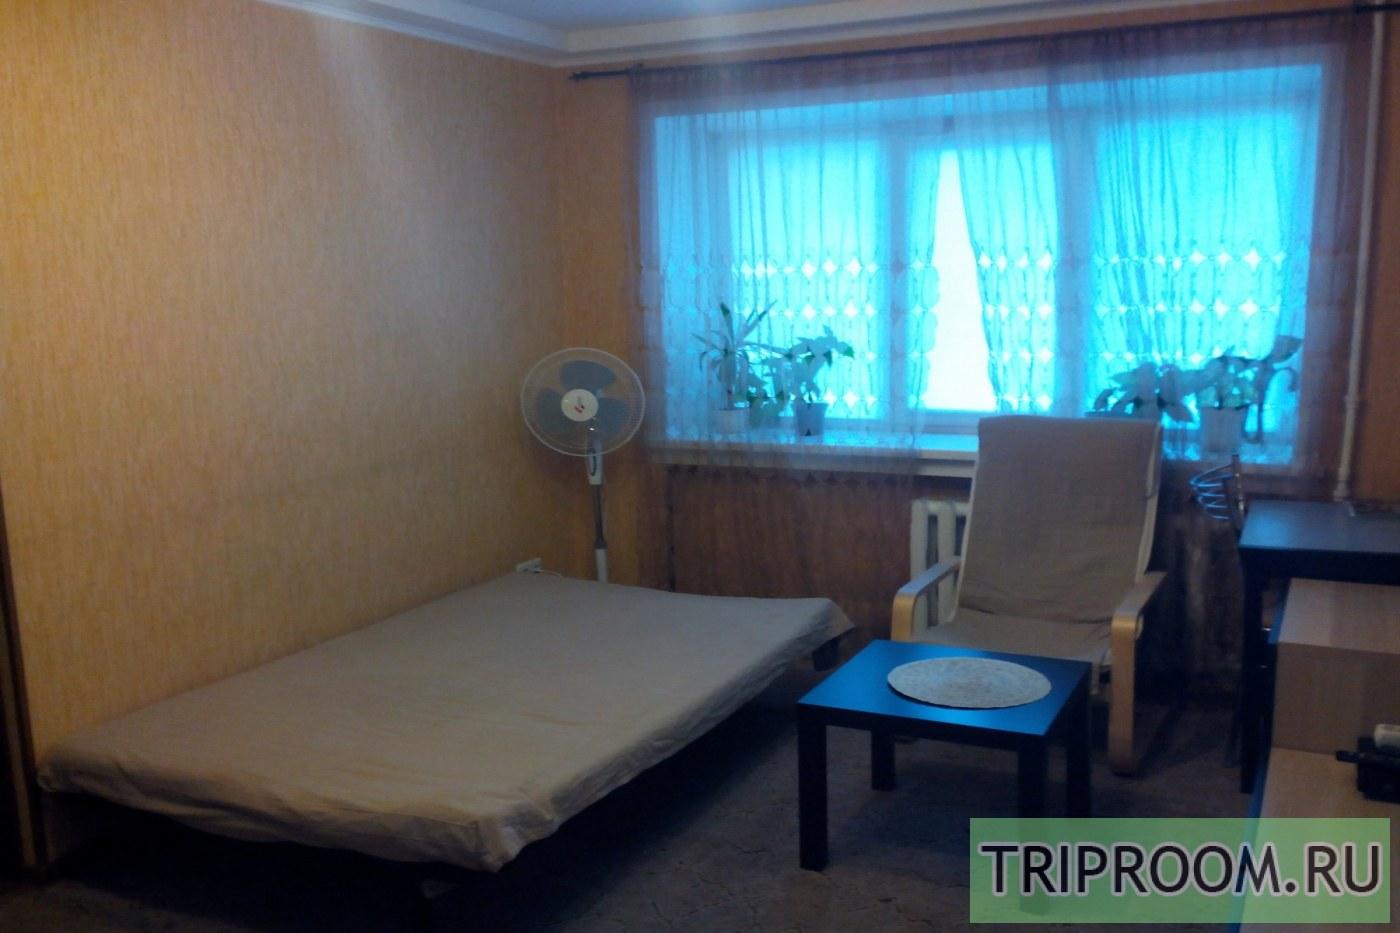 1-комнатная квартира посуточно (вариант № 5761), ул. Карла Маркса проспект, фото № 6